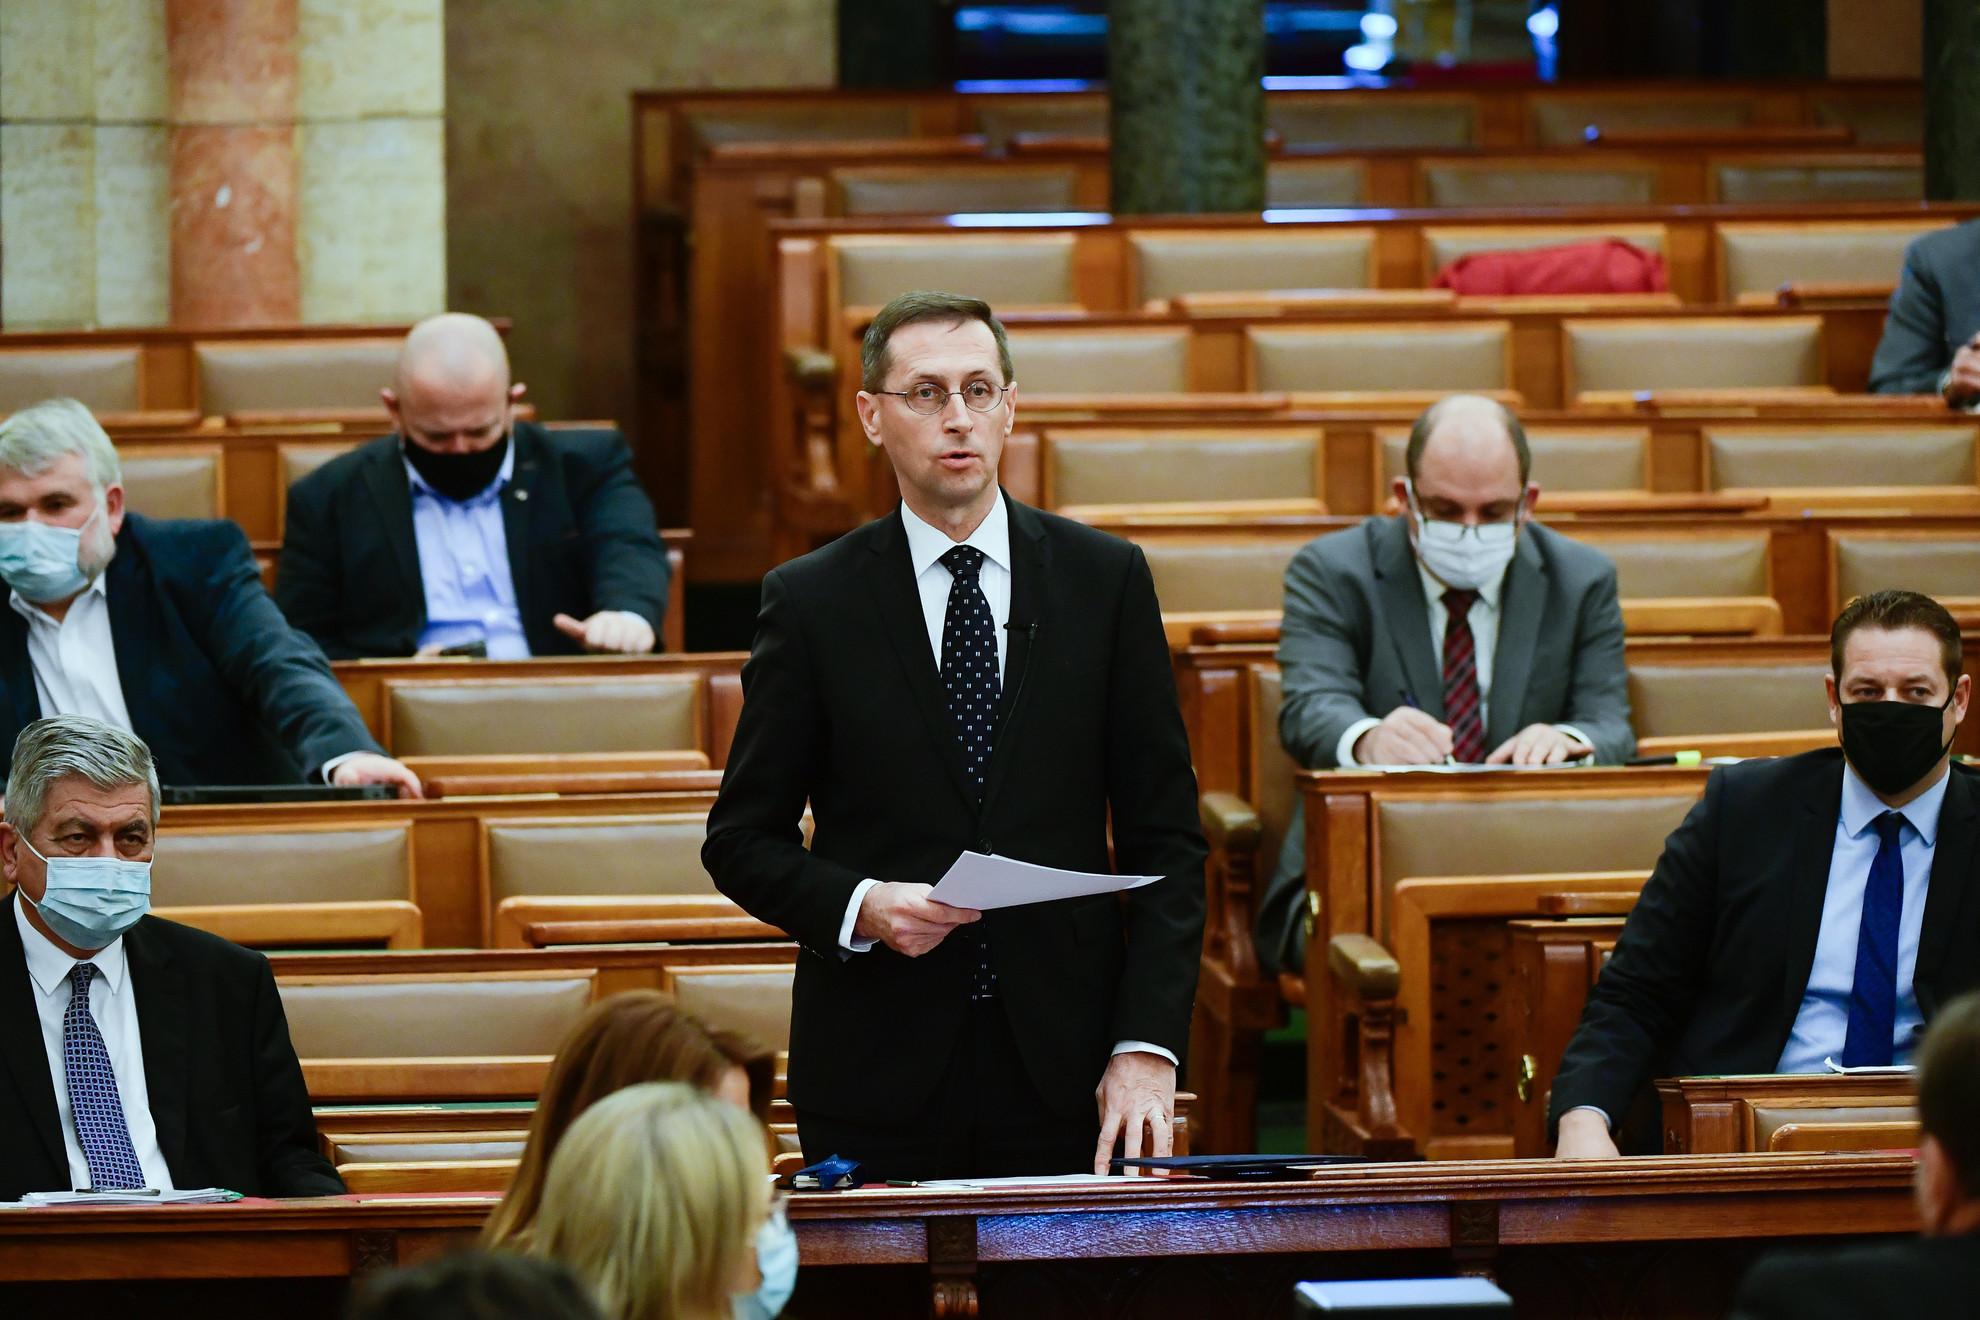 Varga Mihály miniszterelnök-helyettes, pénzügyminiszter felszólal napirend előtt az Országgyűlés plenáris ülésén 2020. november 30-án